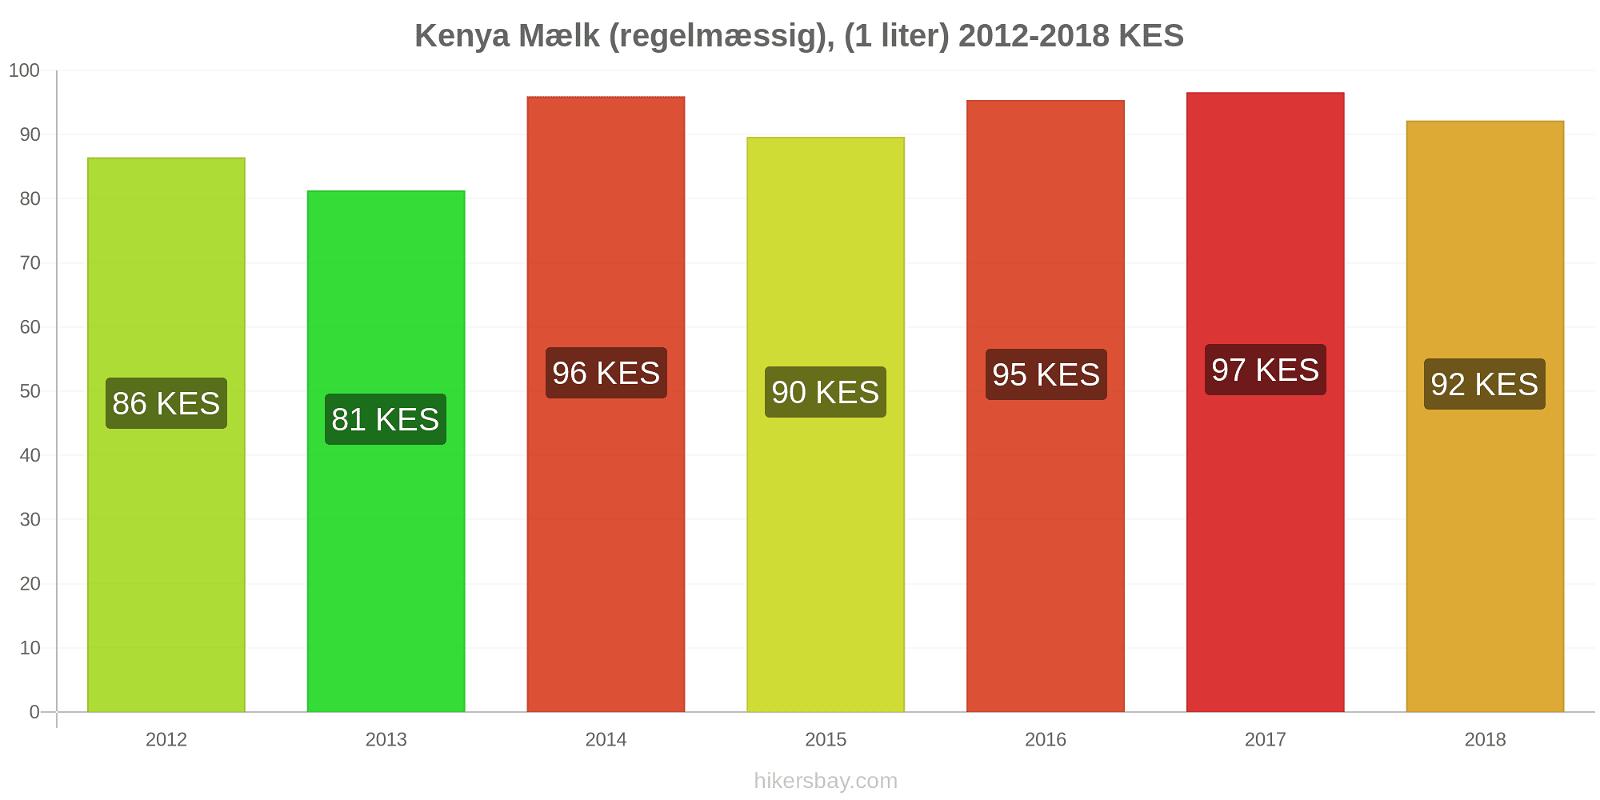 Kenya prisændringer Mælk (regelmæssig), (1 liter) hikersbay.com